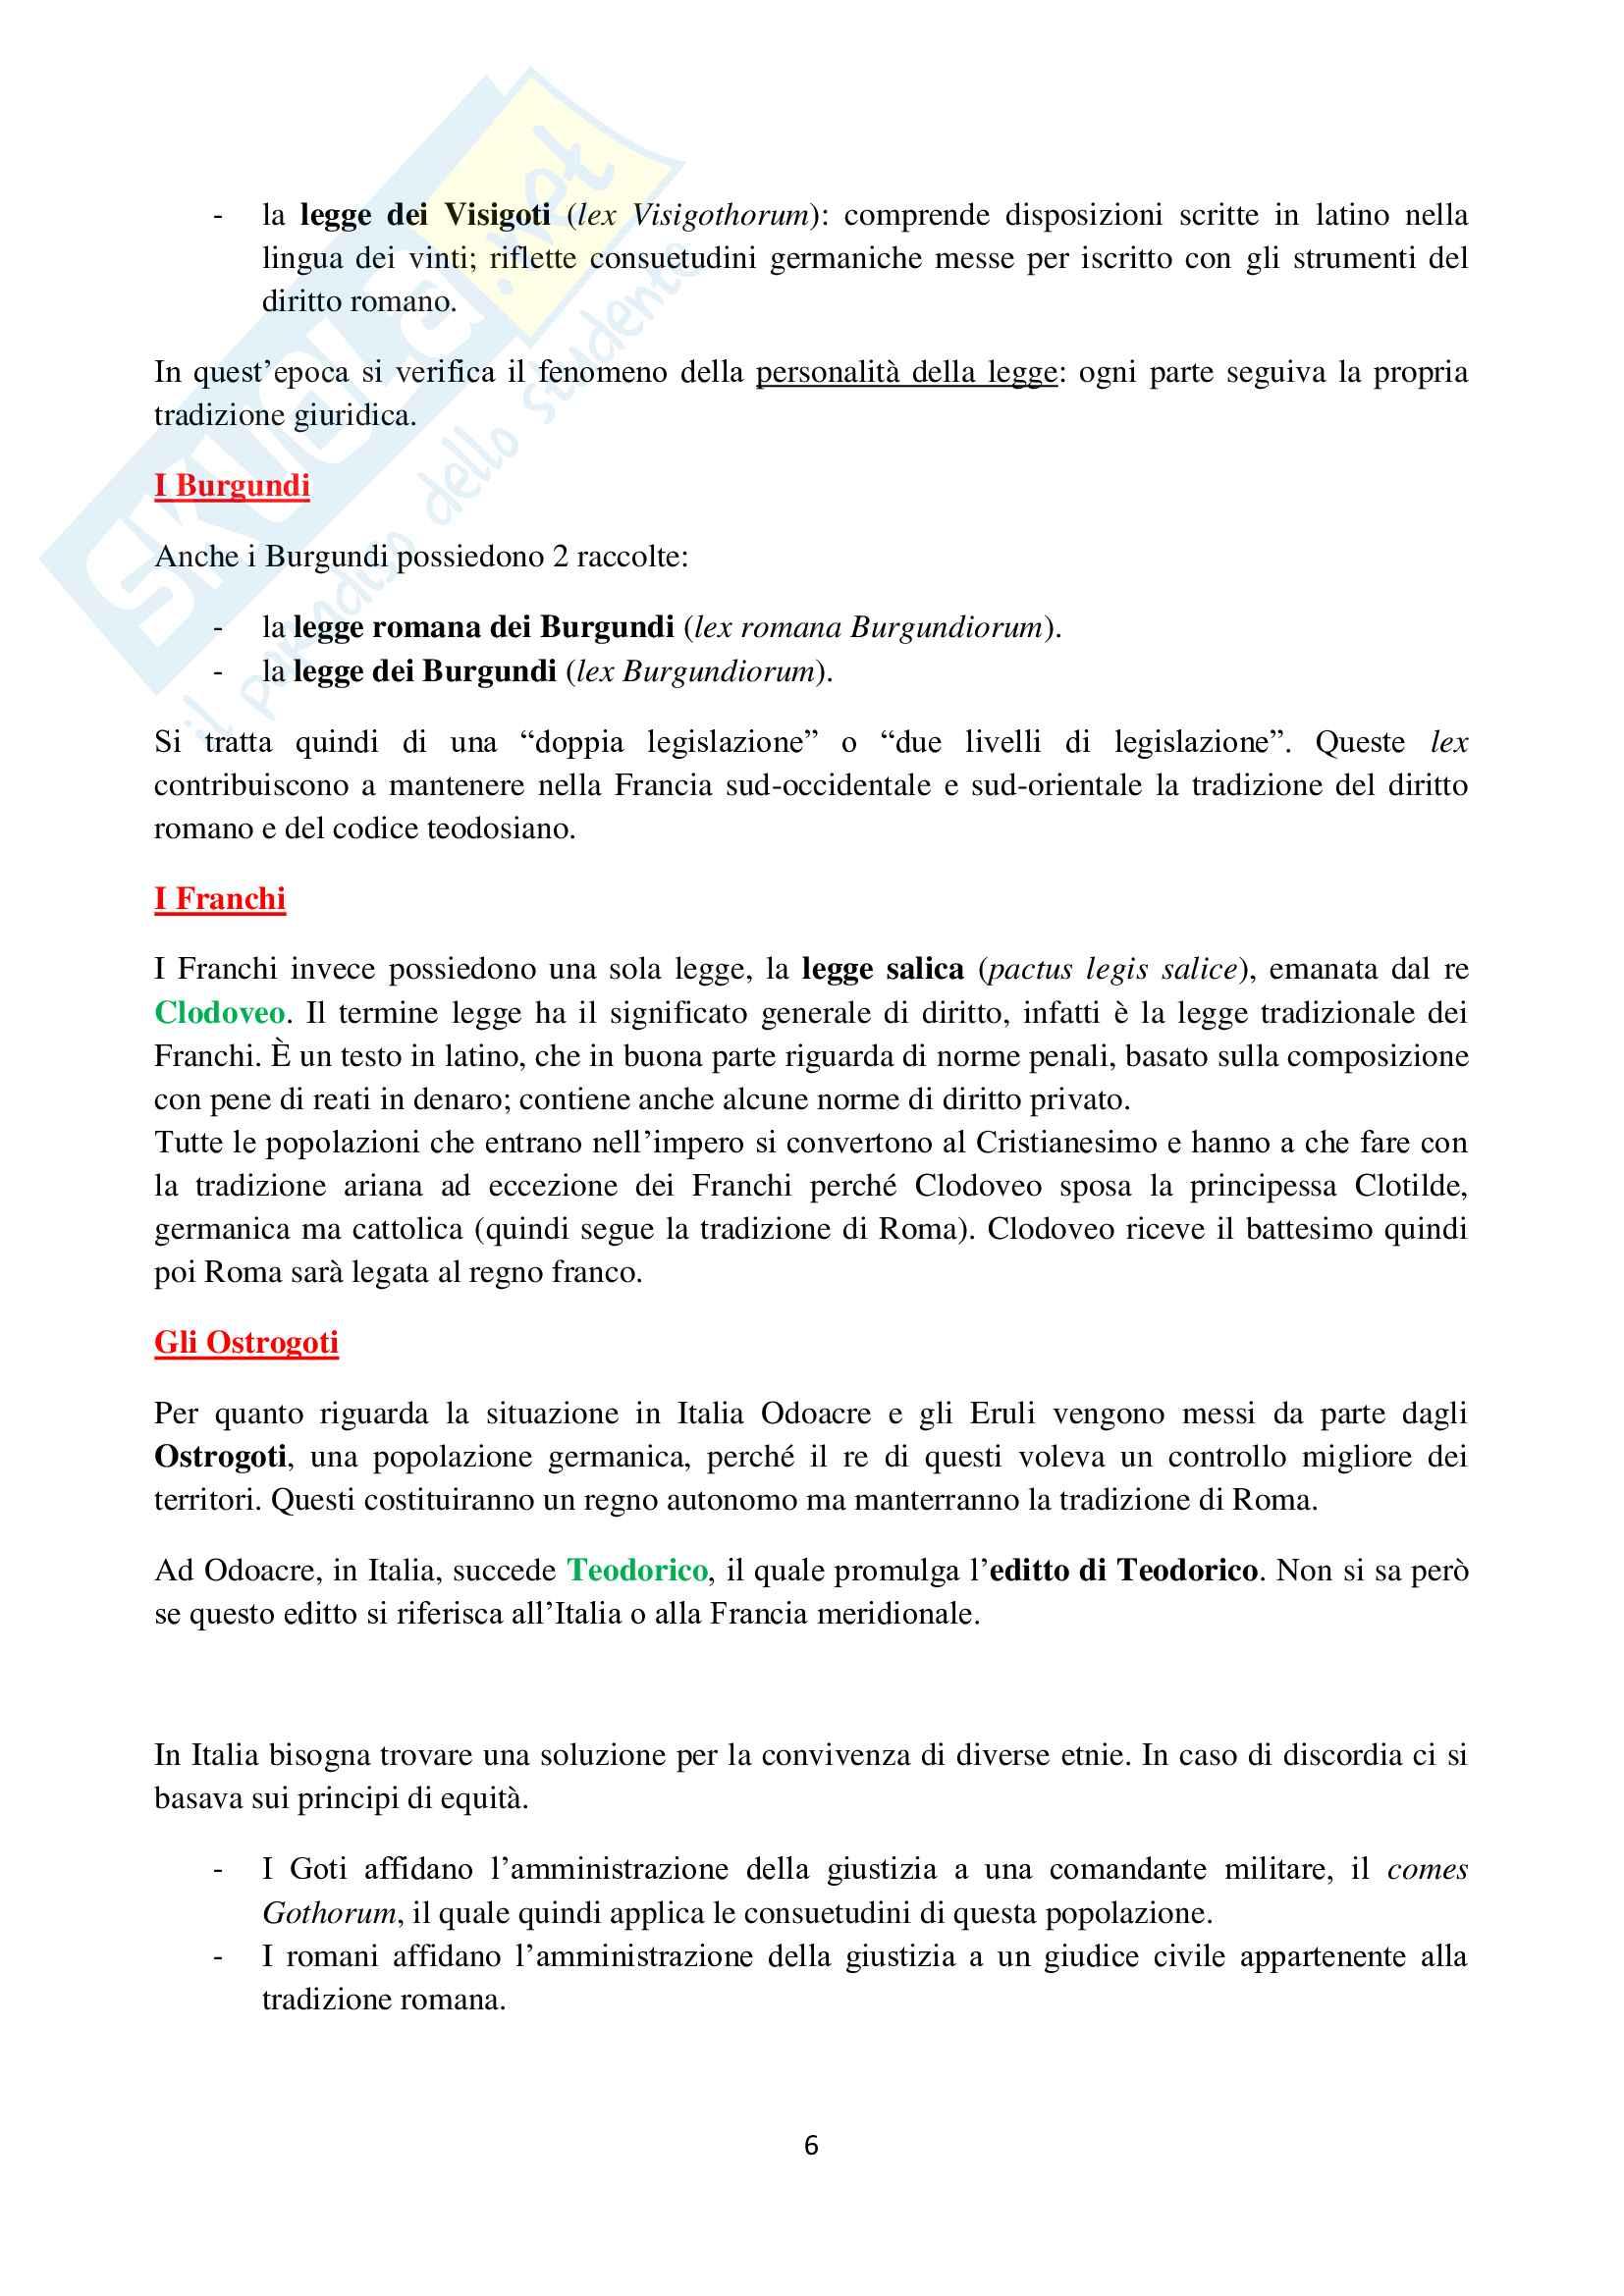 Storia del Diritto italiano ed europeo - Appunti Pag. 6